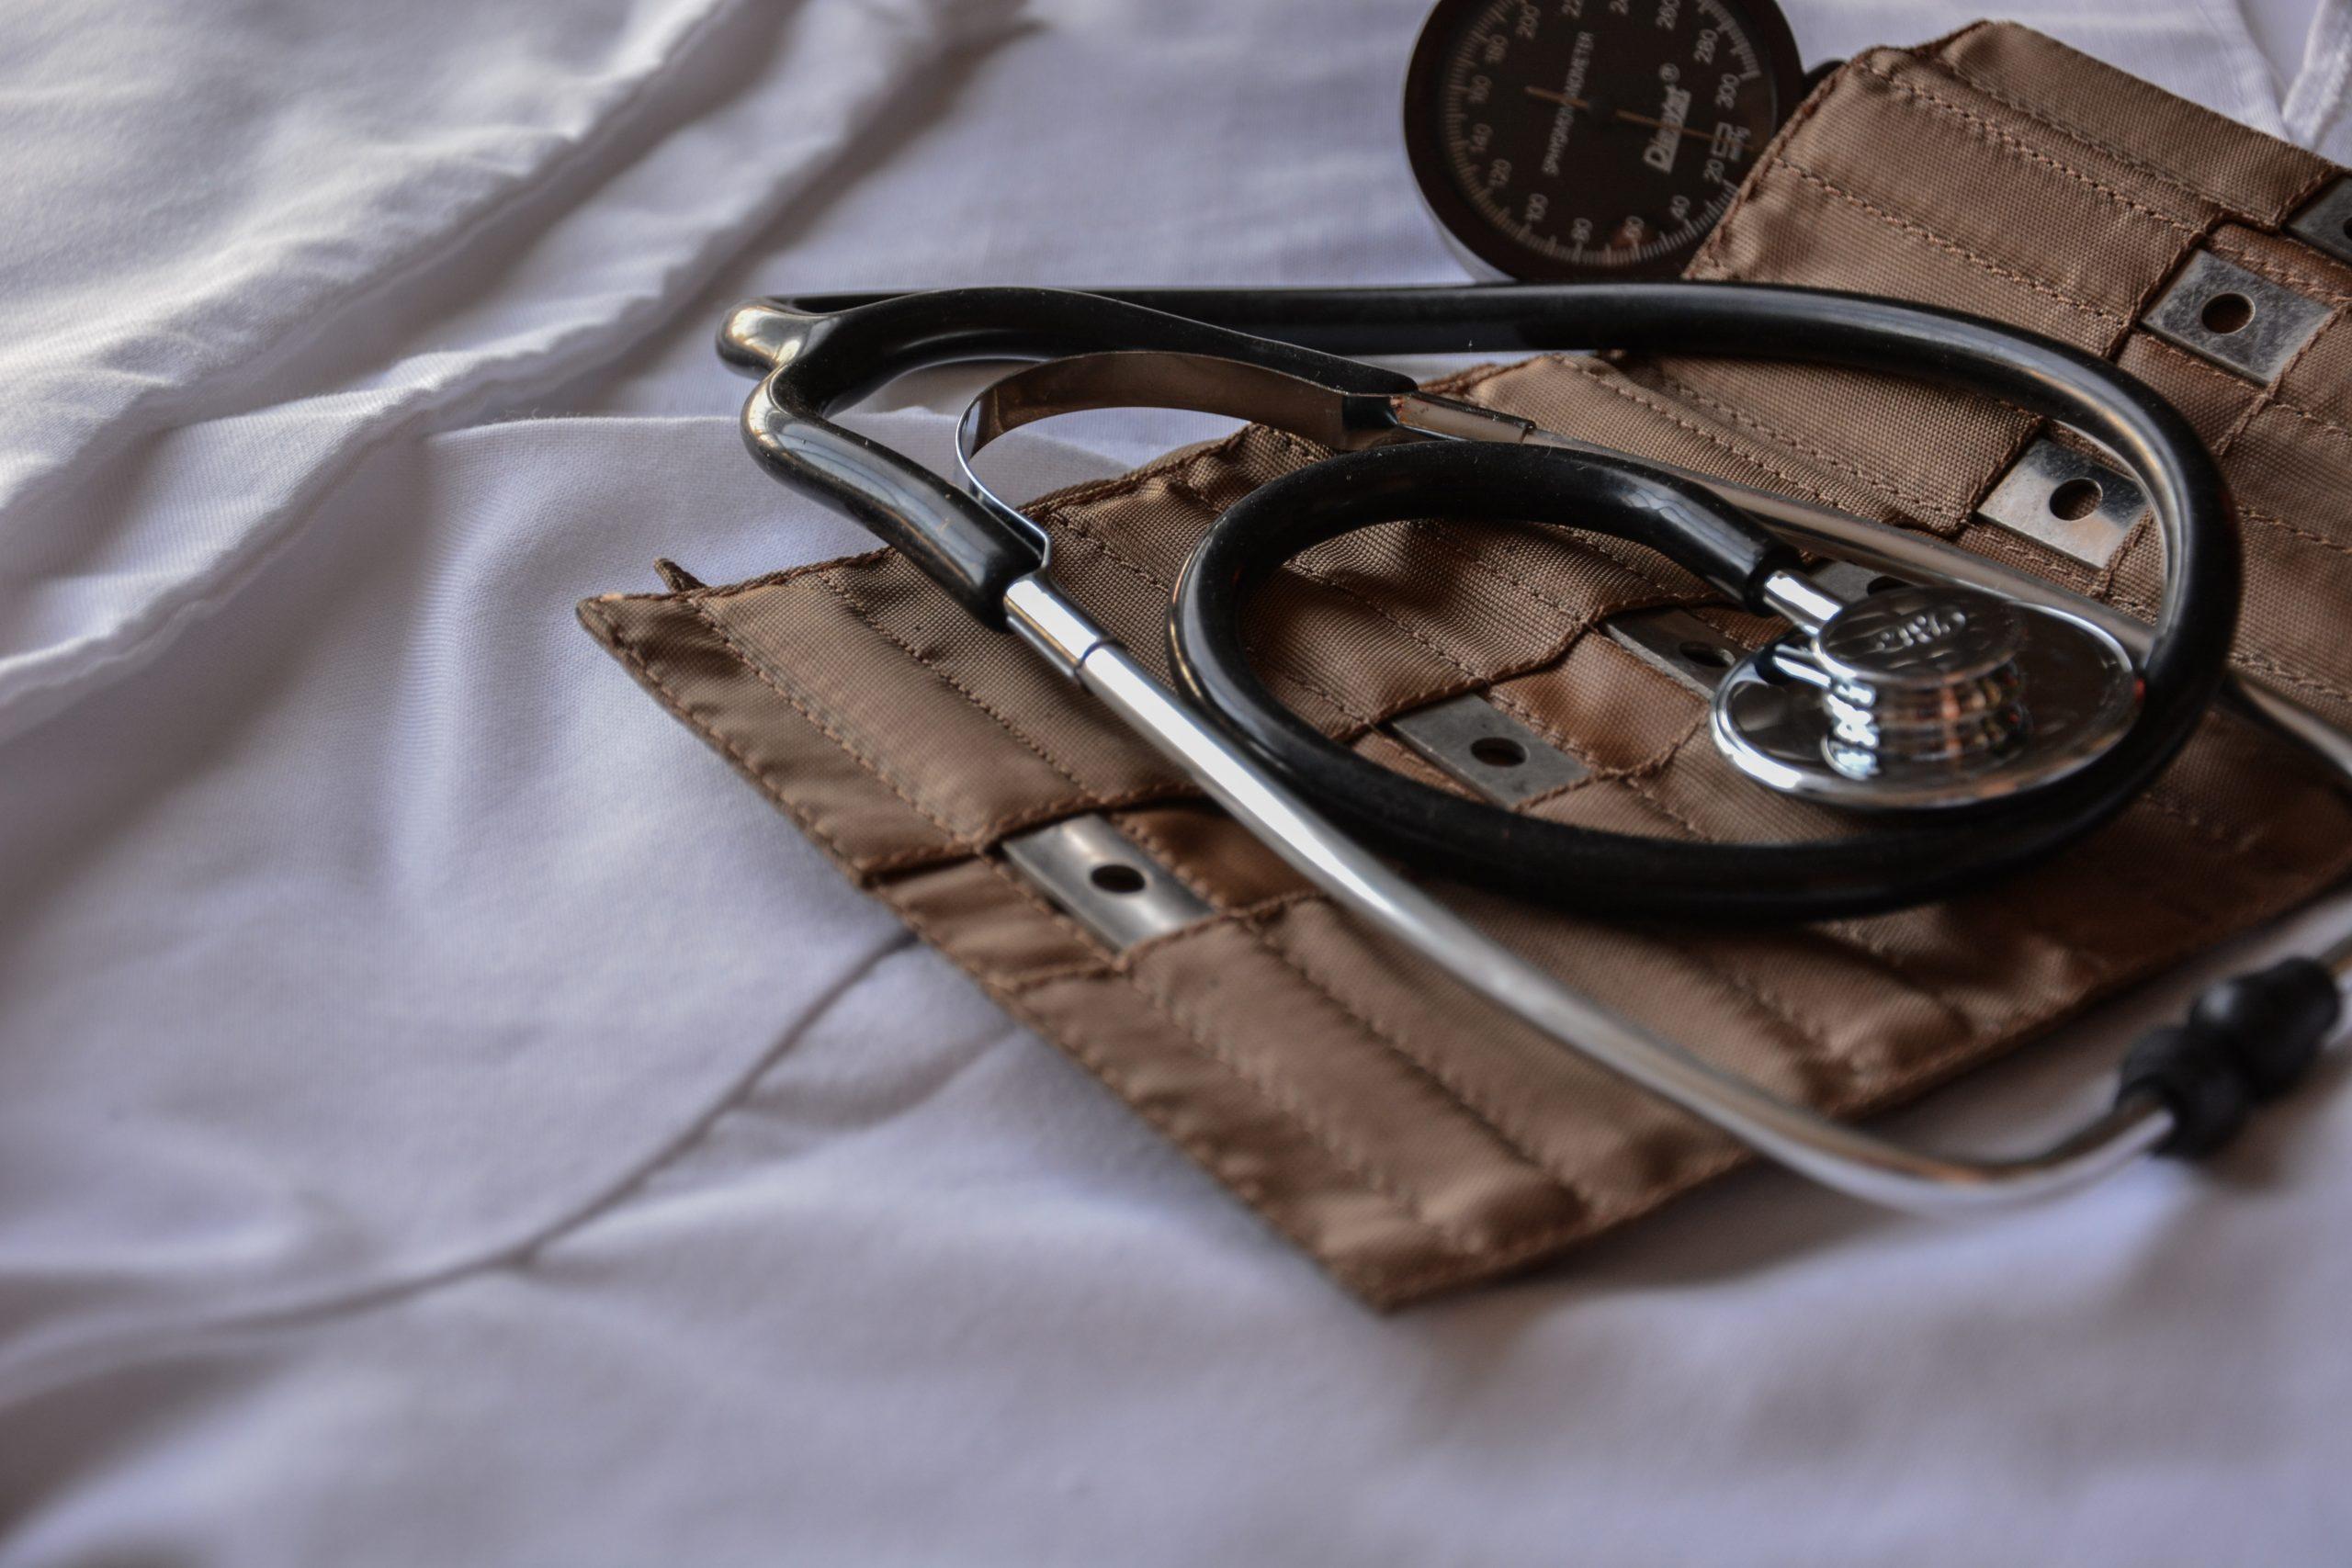 Renouvellement de l'assurance maladie : 4 choses à savoir